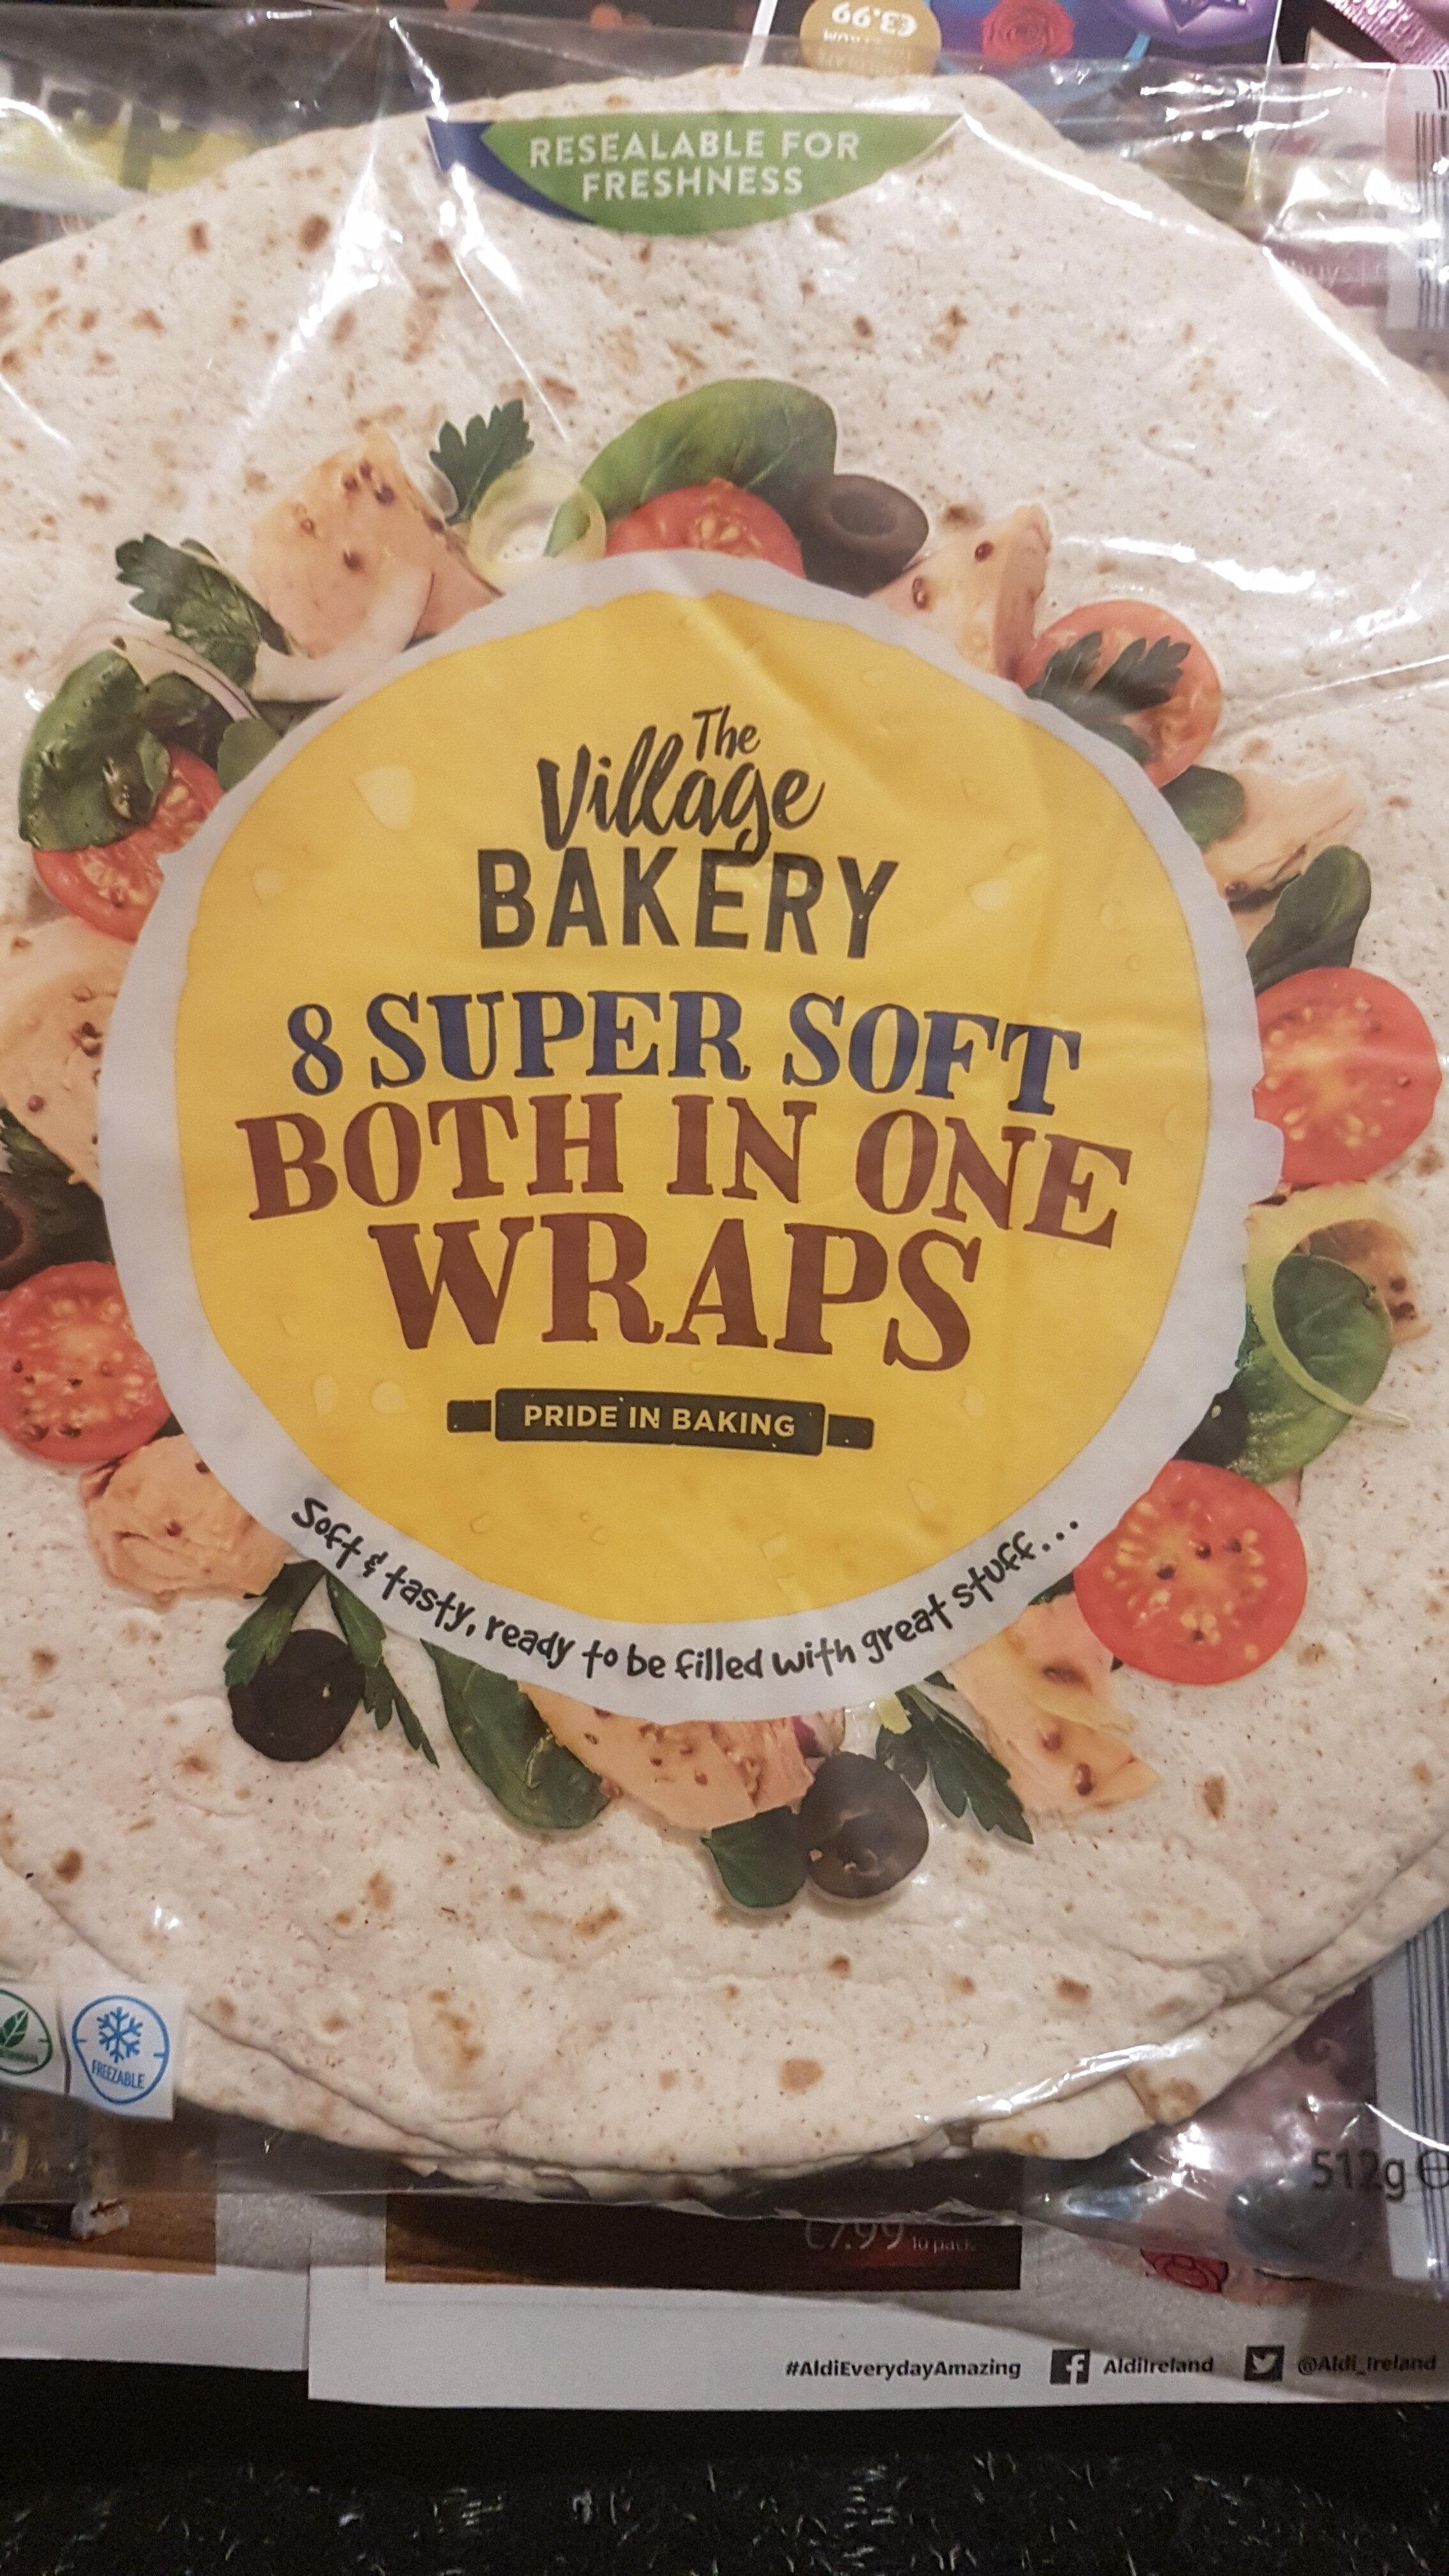 Super Soft Both in One Wraps - Produit - en